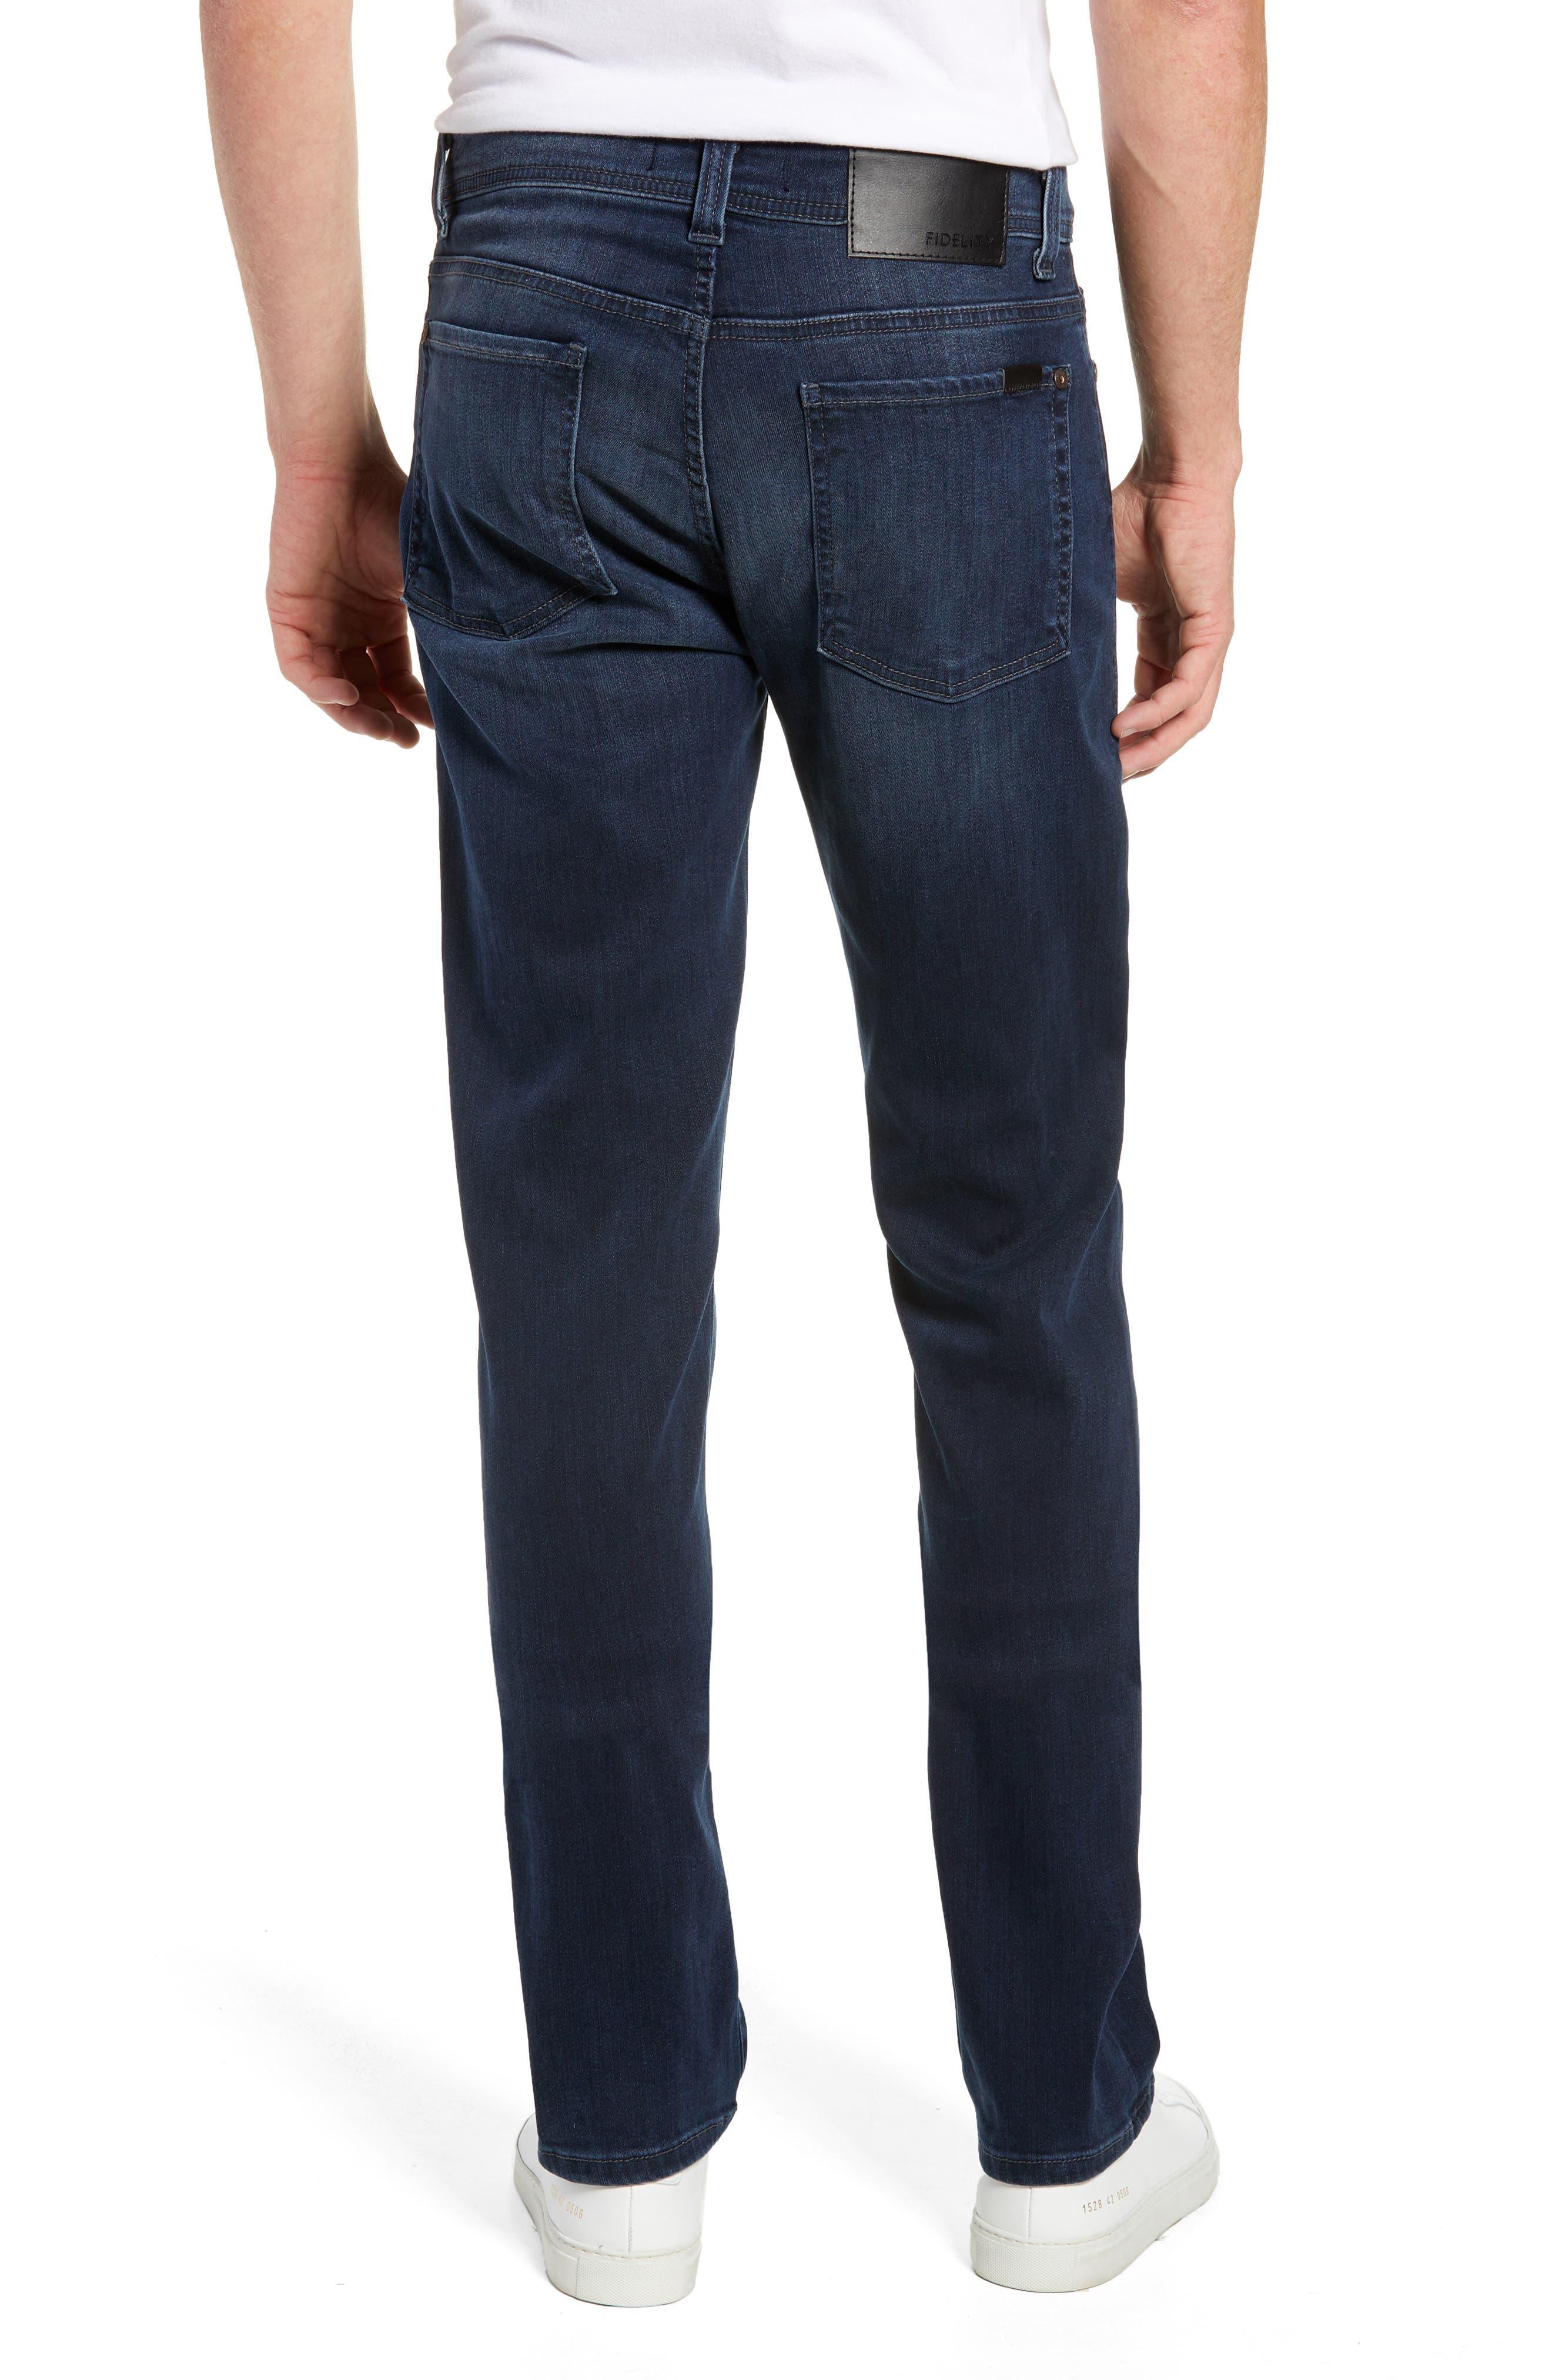 Fidelity Slim Straight Leg Jeans,                             Alternate thumbnail 2, color,                             BEL AIR BLUE